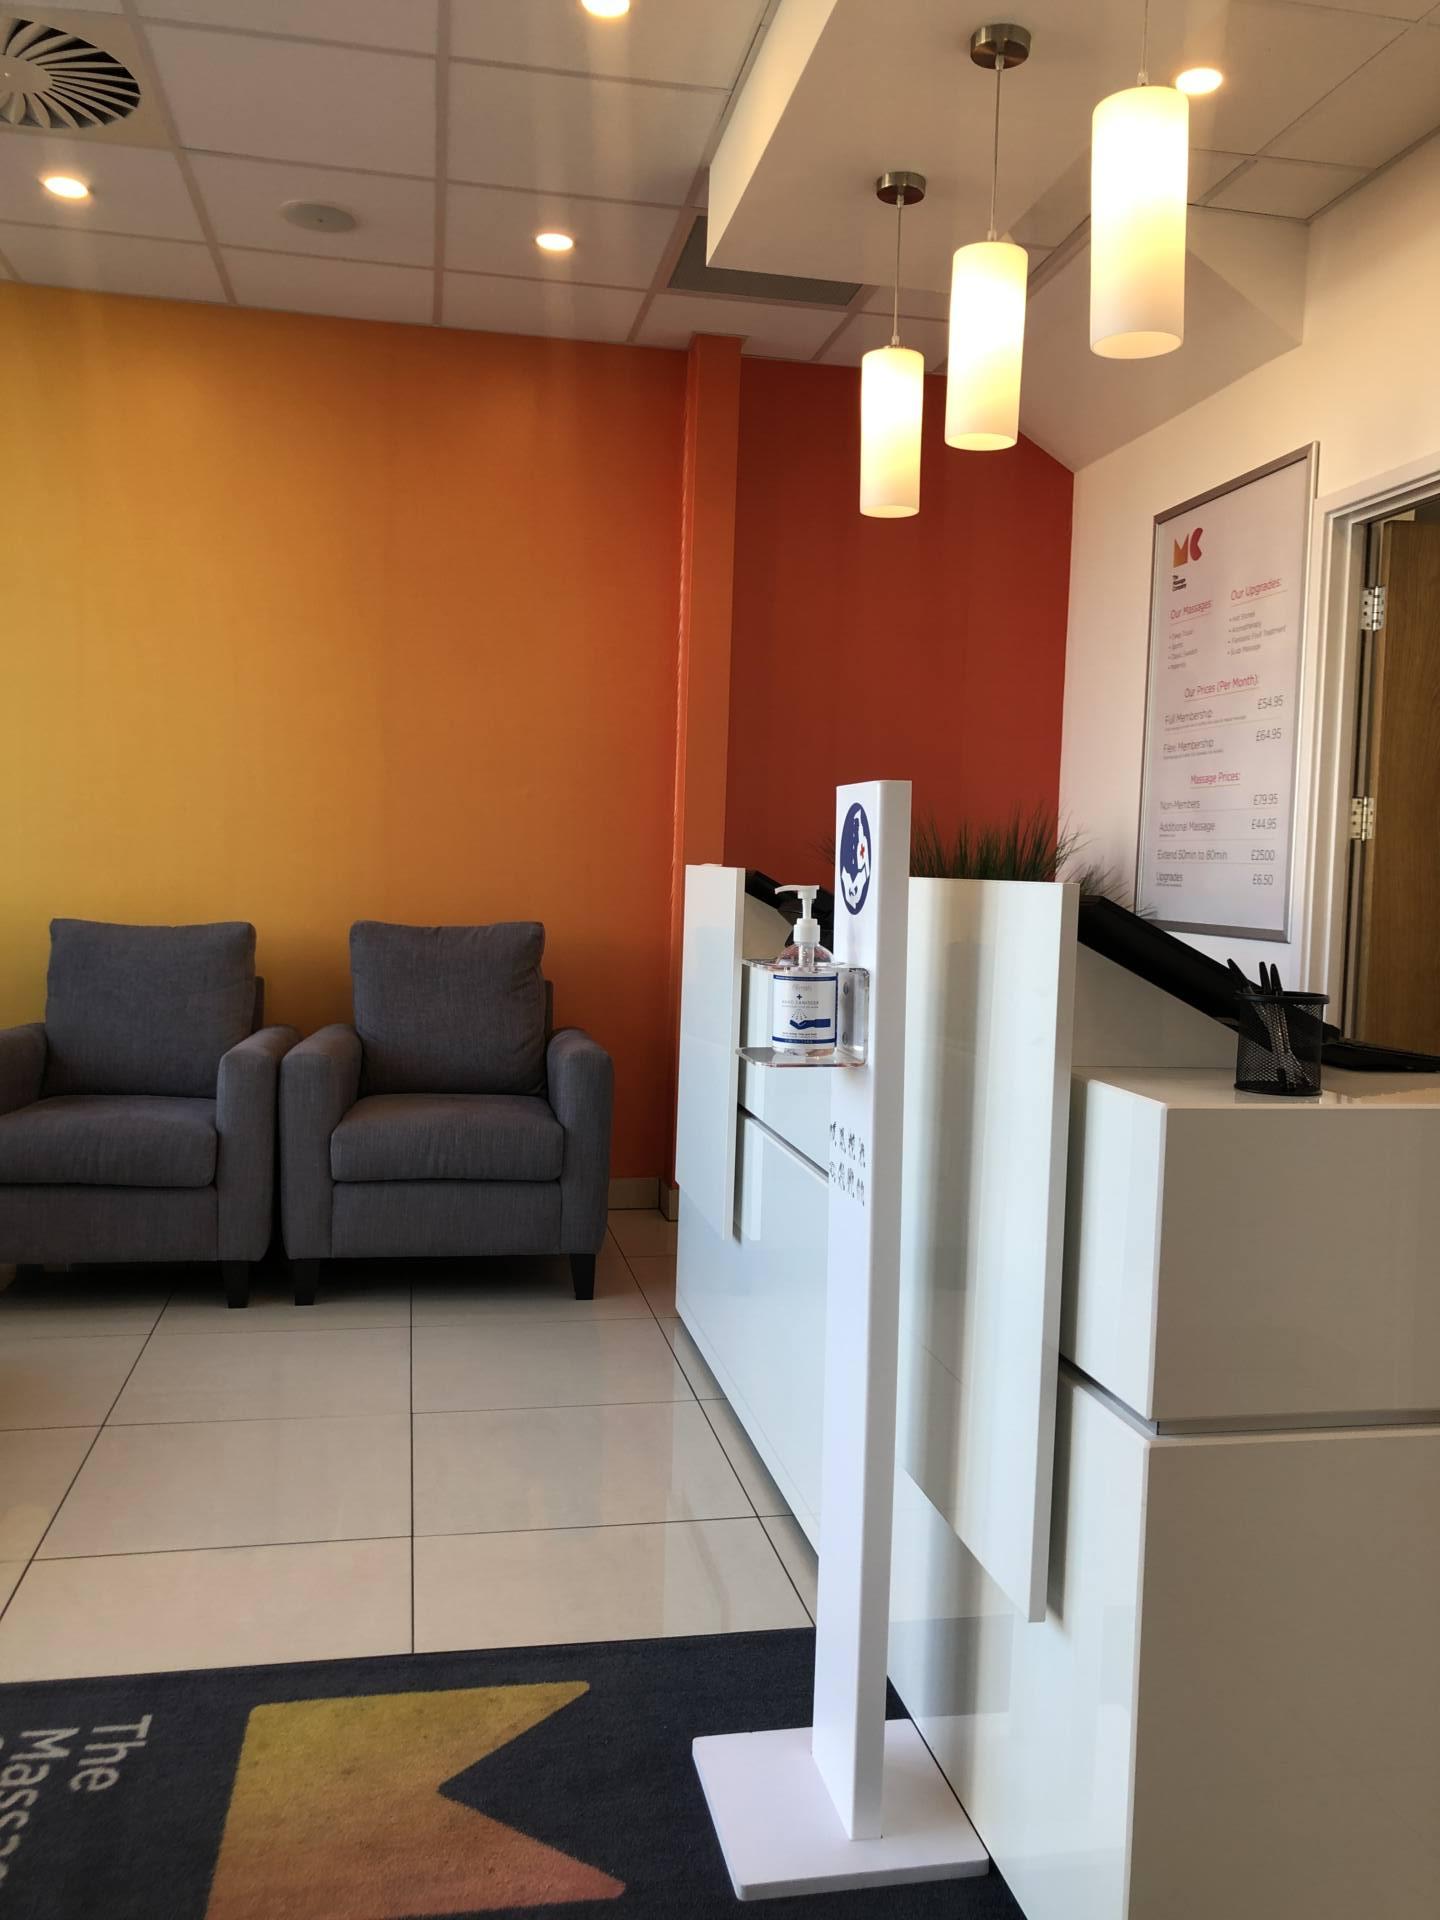 Emma Victoria Stokes - The Massage Company Reception Area